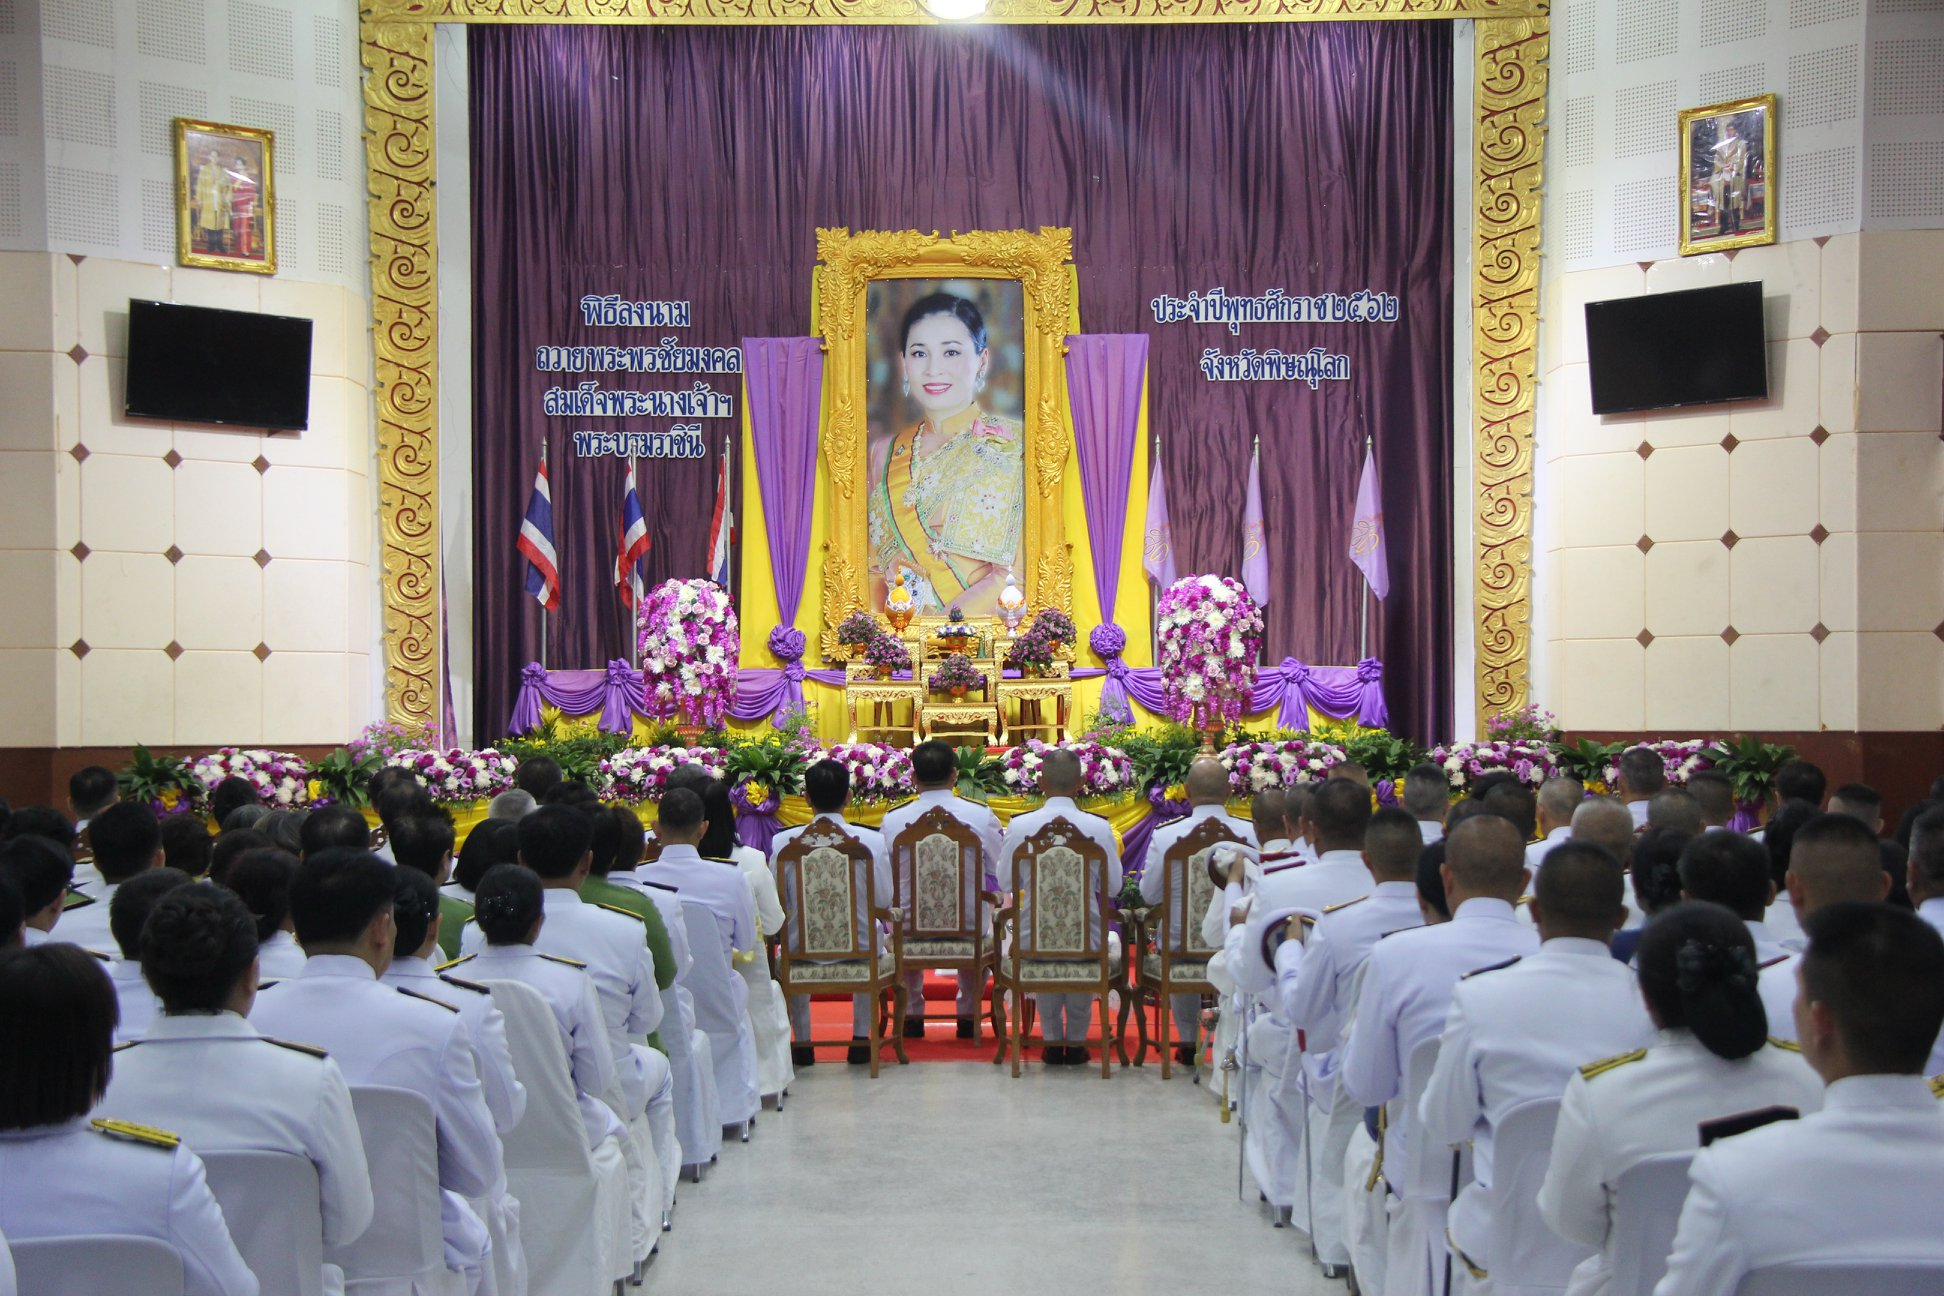 วันเฉลิมพระชนมพรรษาสมเด็จพระนางเจ้าสุทิดา พัชรสุธาพิมลลักษณ พระบรมราชินี